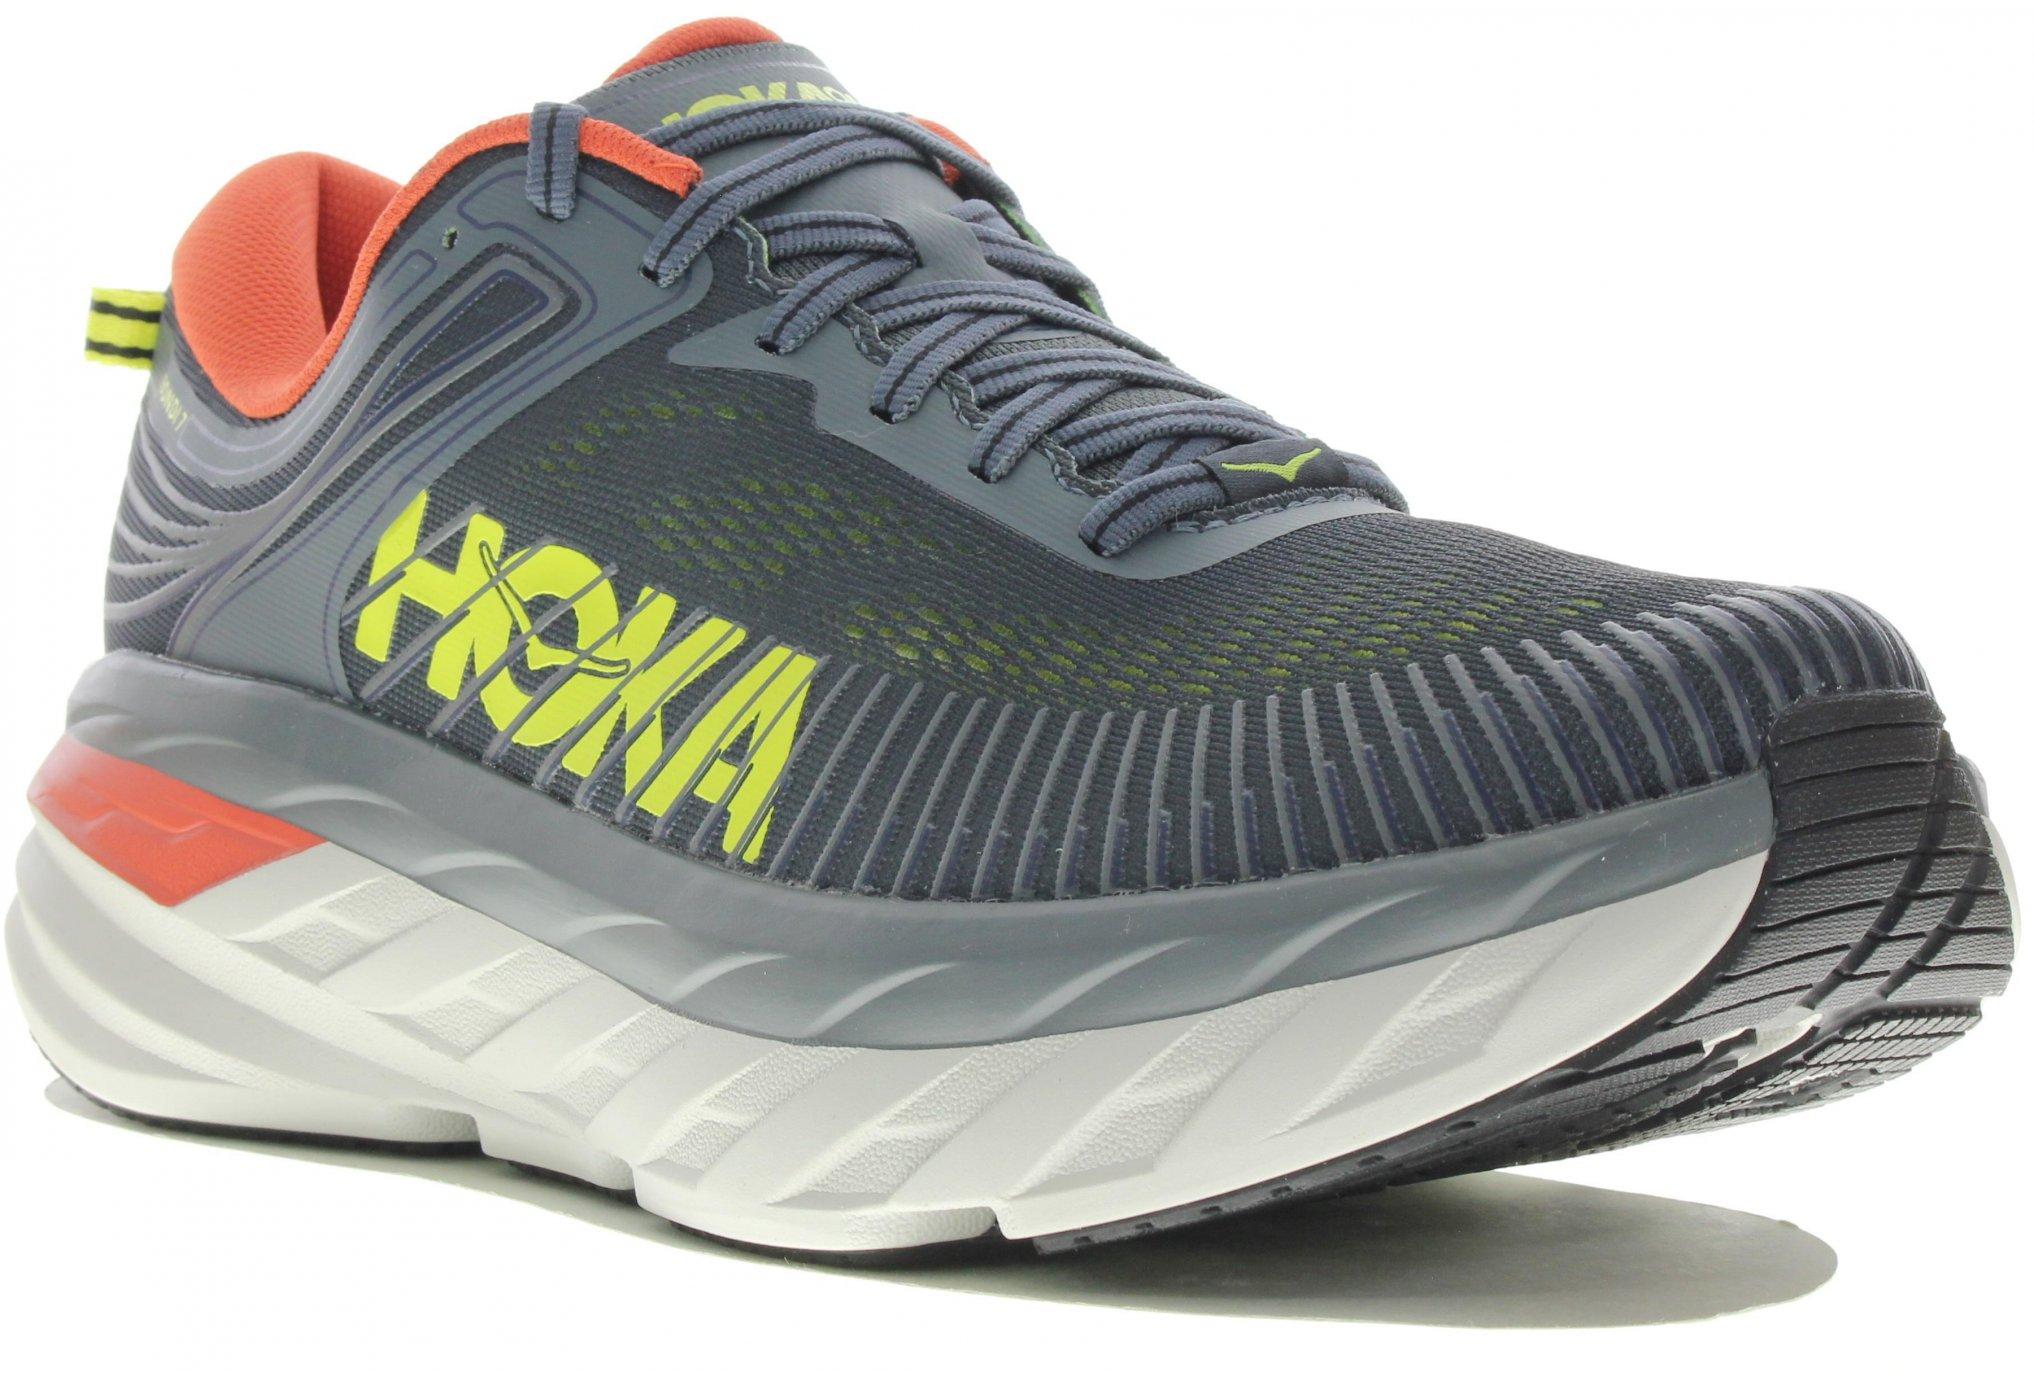 Hoka One One Bondi 7 Chaussures homme